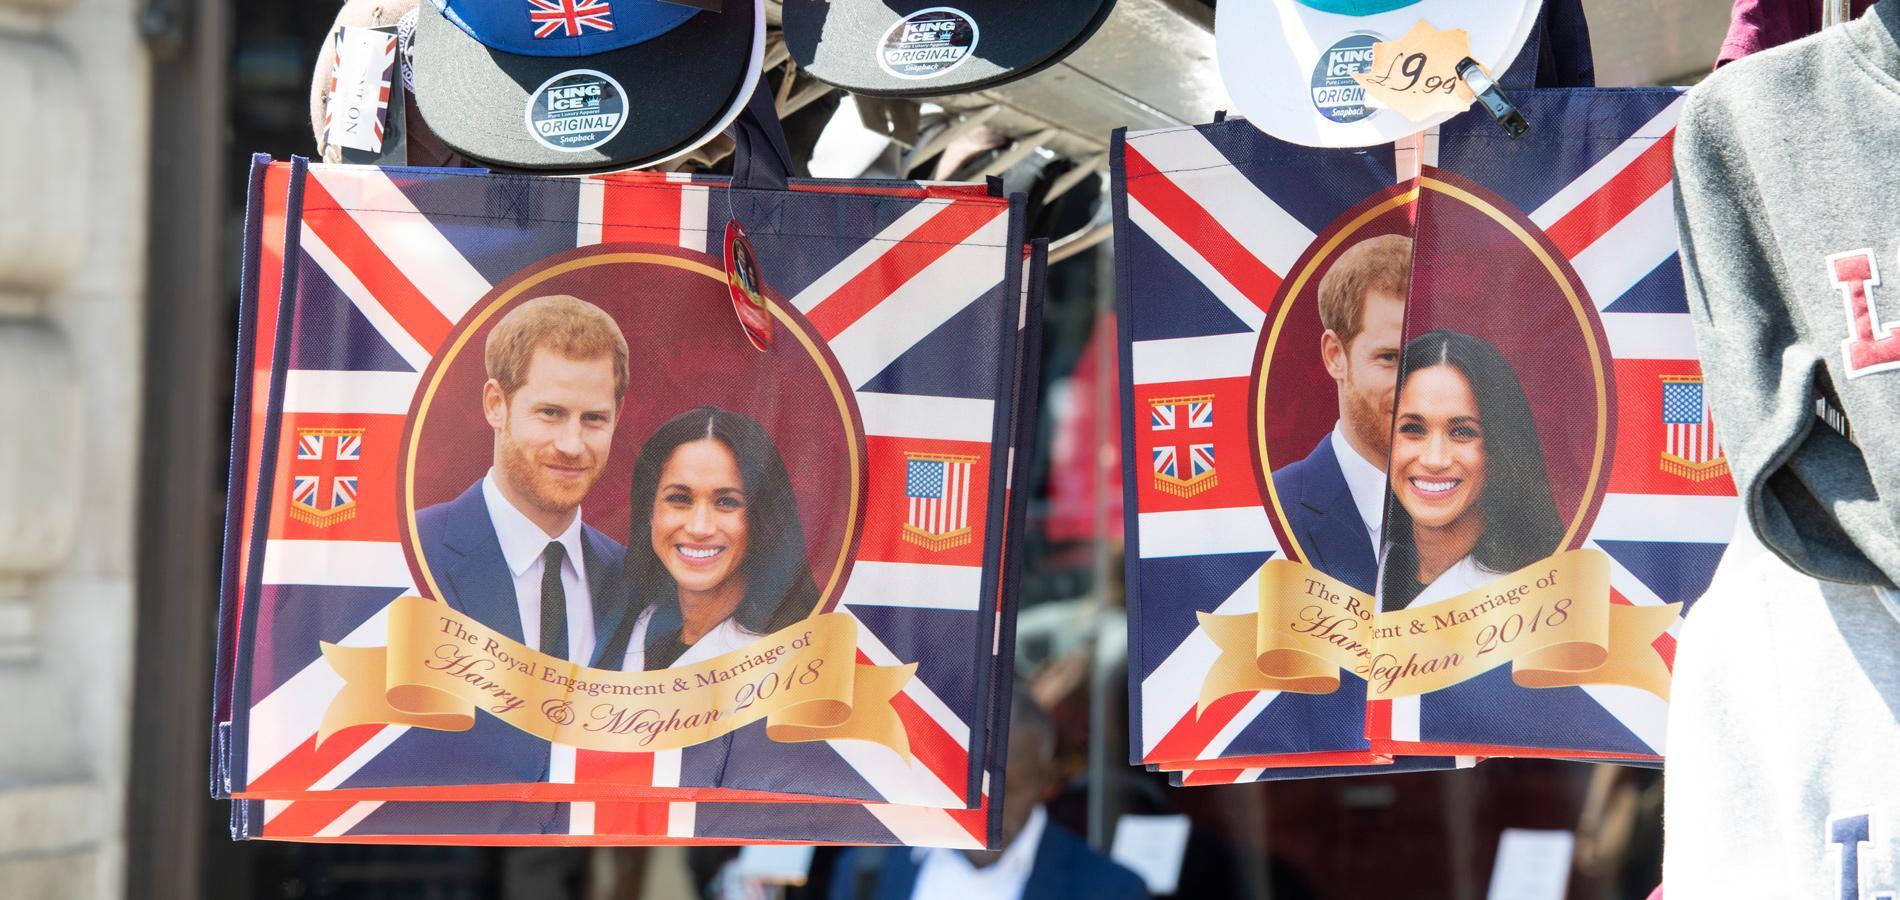 Mariage de Meghan Markle et du prince Harry : avec qui regarder la cérémonie?